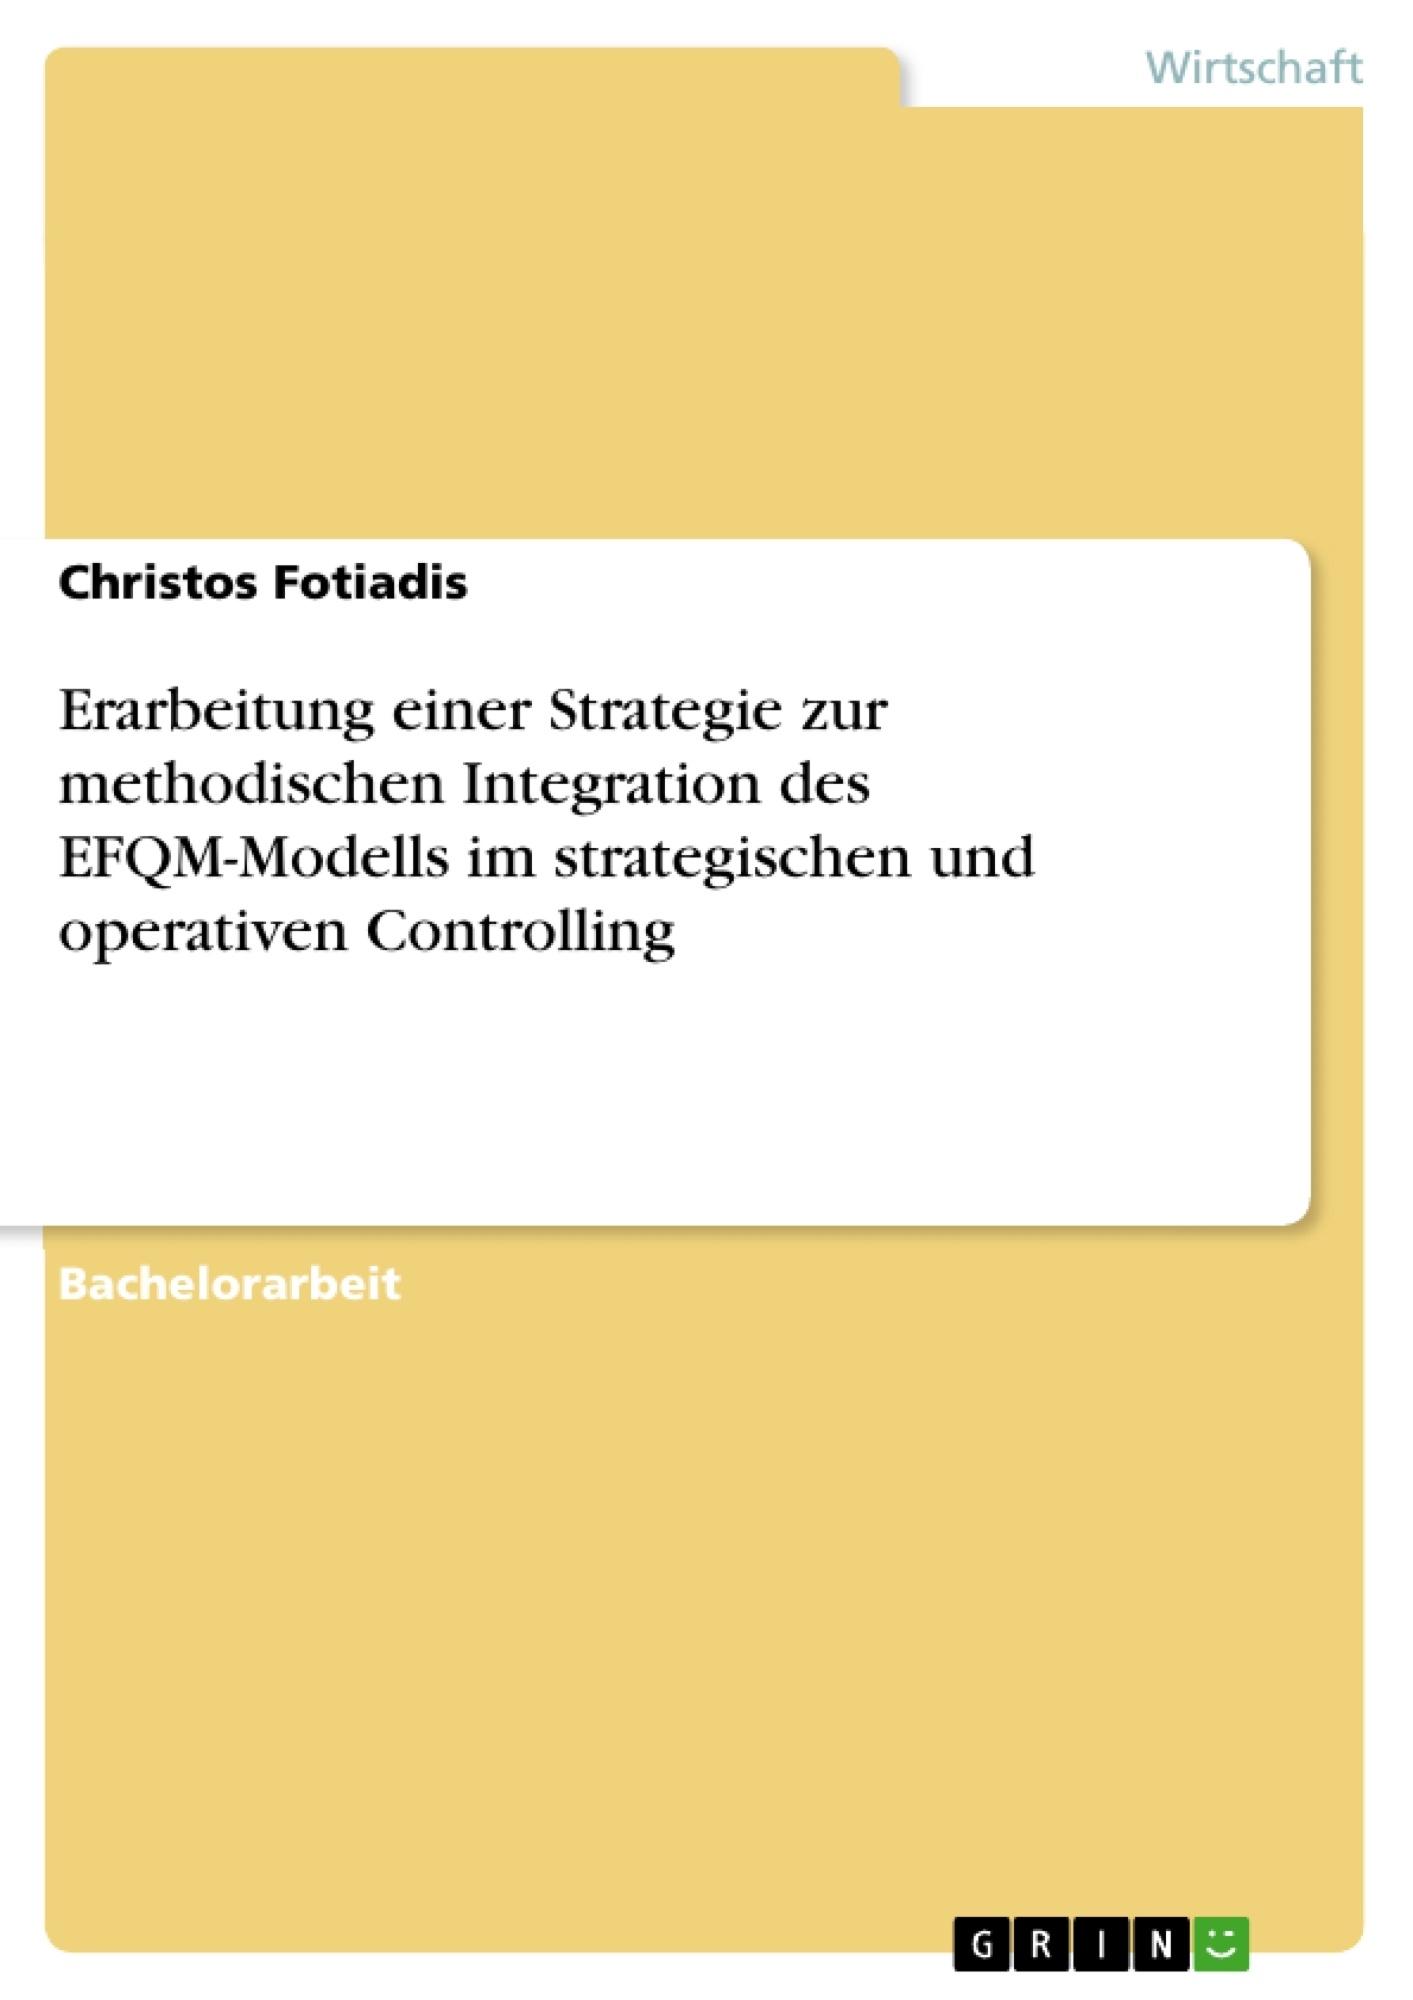 Titel: Erarbeitung einer Strategie zur methodischen Integration des EFQM-Modells im strategischen und operativen Controlling